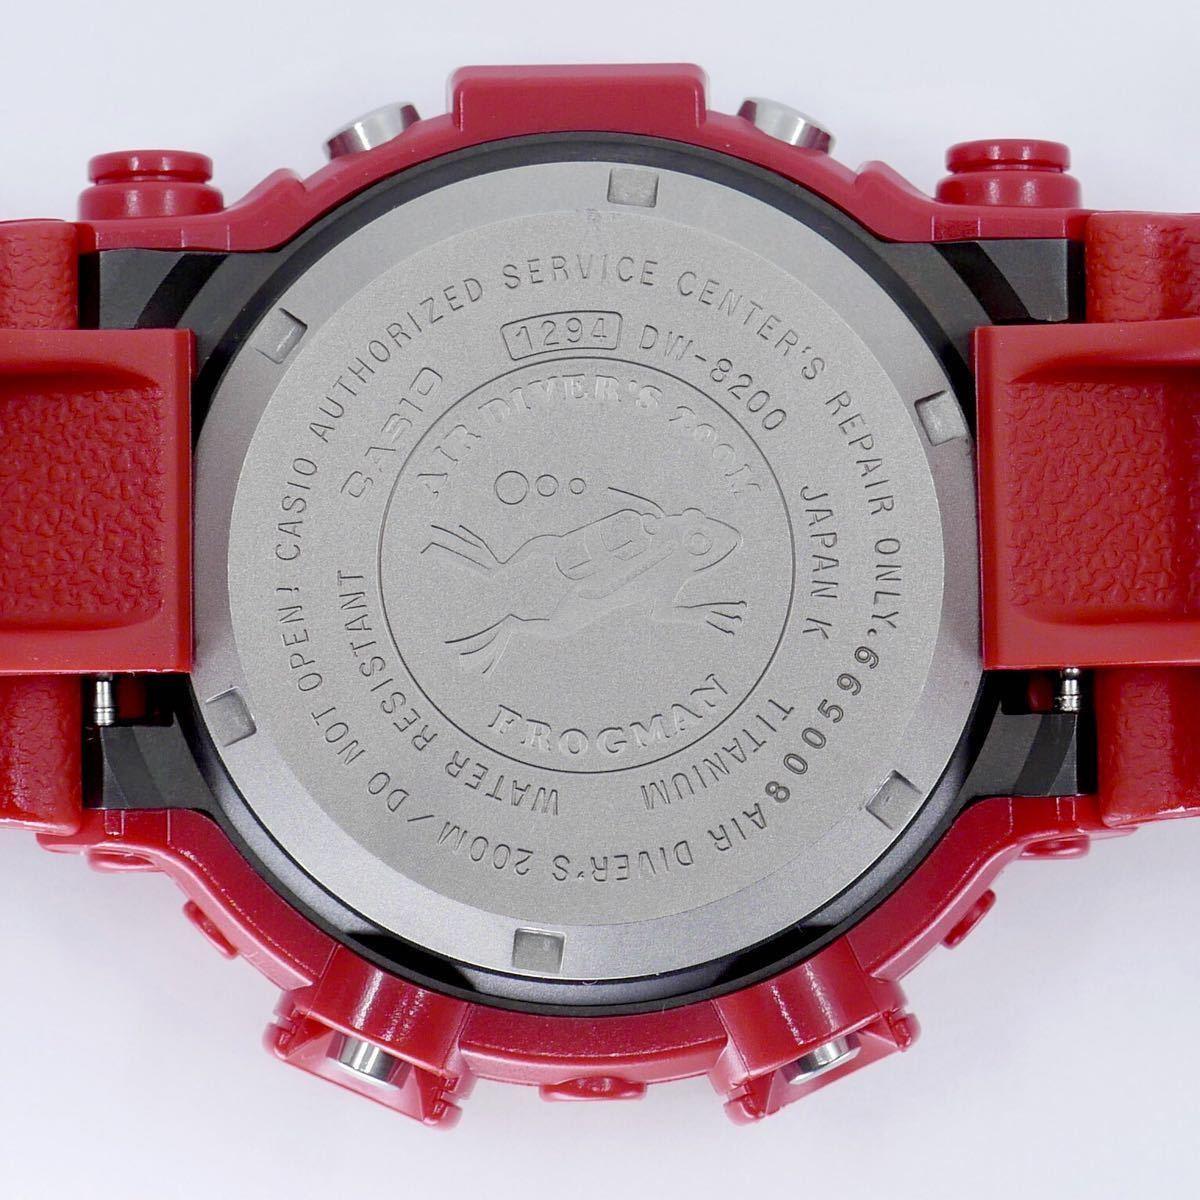 【極美品】シャイニーレッド ブラックフロッグマン DW-8200BM MIB2極美品モジュール GF-8230新品ベルベゼ カスタム DW-8201 8250シリーズ_保管、作業に伴う僅かな傷、スレ有ります